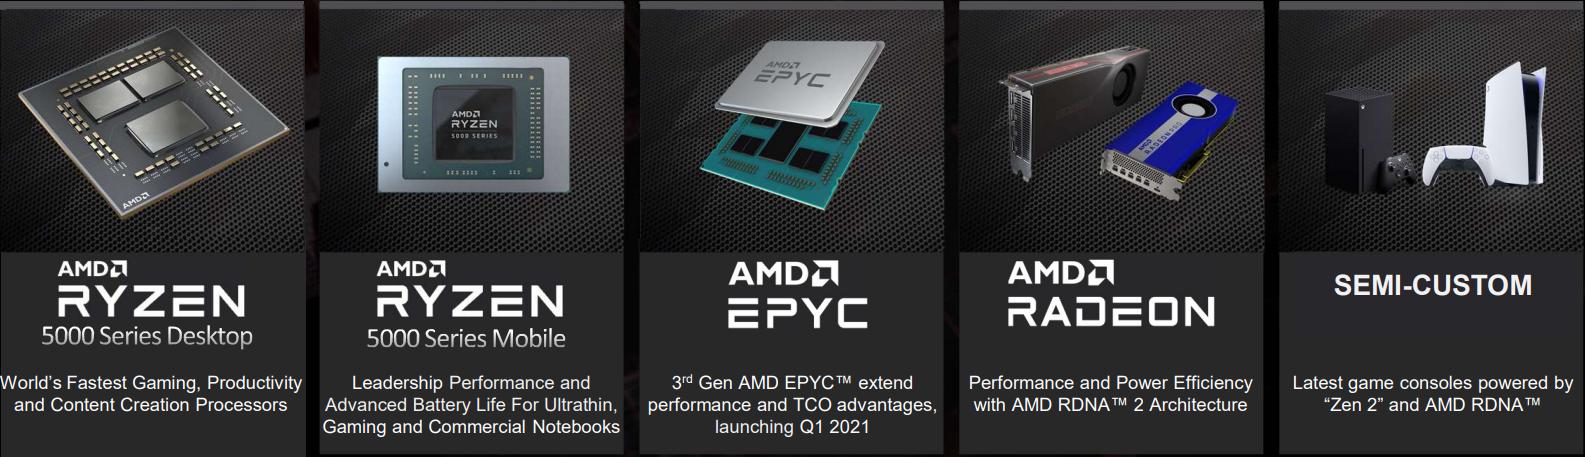 CPU, GPU, rozwiązania serwerowe i podzespoły napędzające PlayStation 5 i Xbox Serie X/S to składowe świetnego wyniku finansowego AMD w 2020 roku (źródło: AMD)